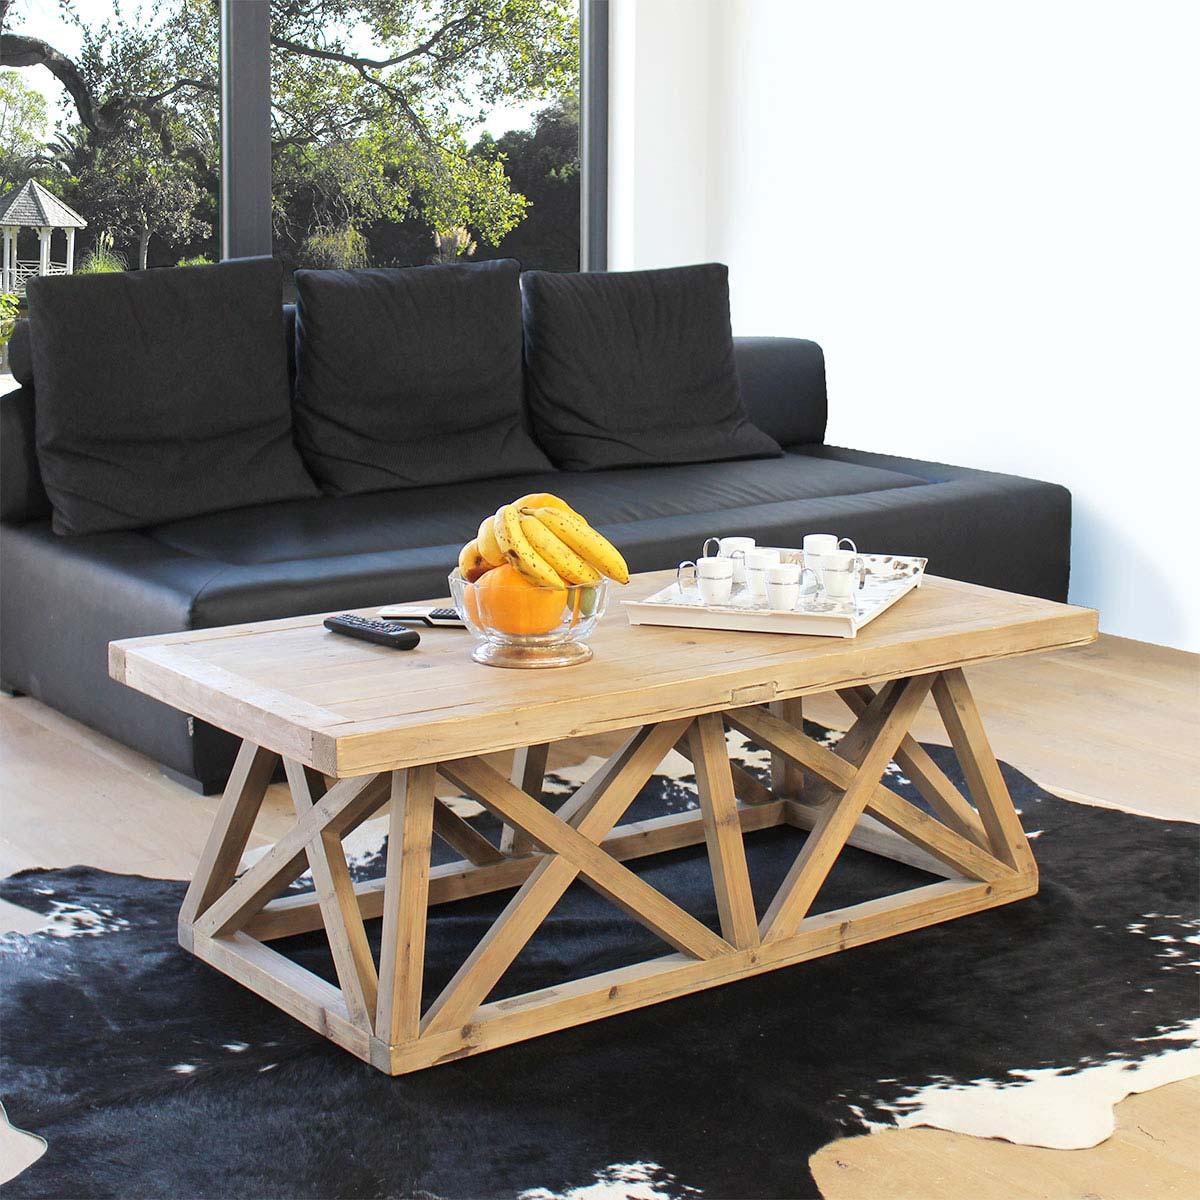 Table basse avec plateau et pieds en bois - Deco table basse salon ...